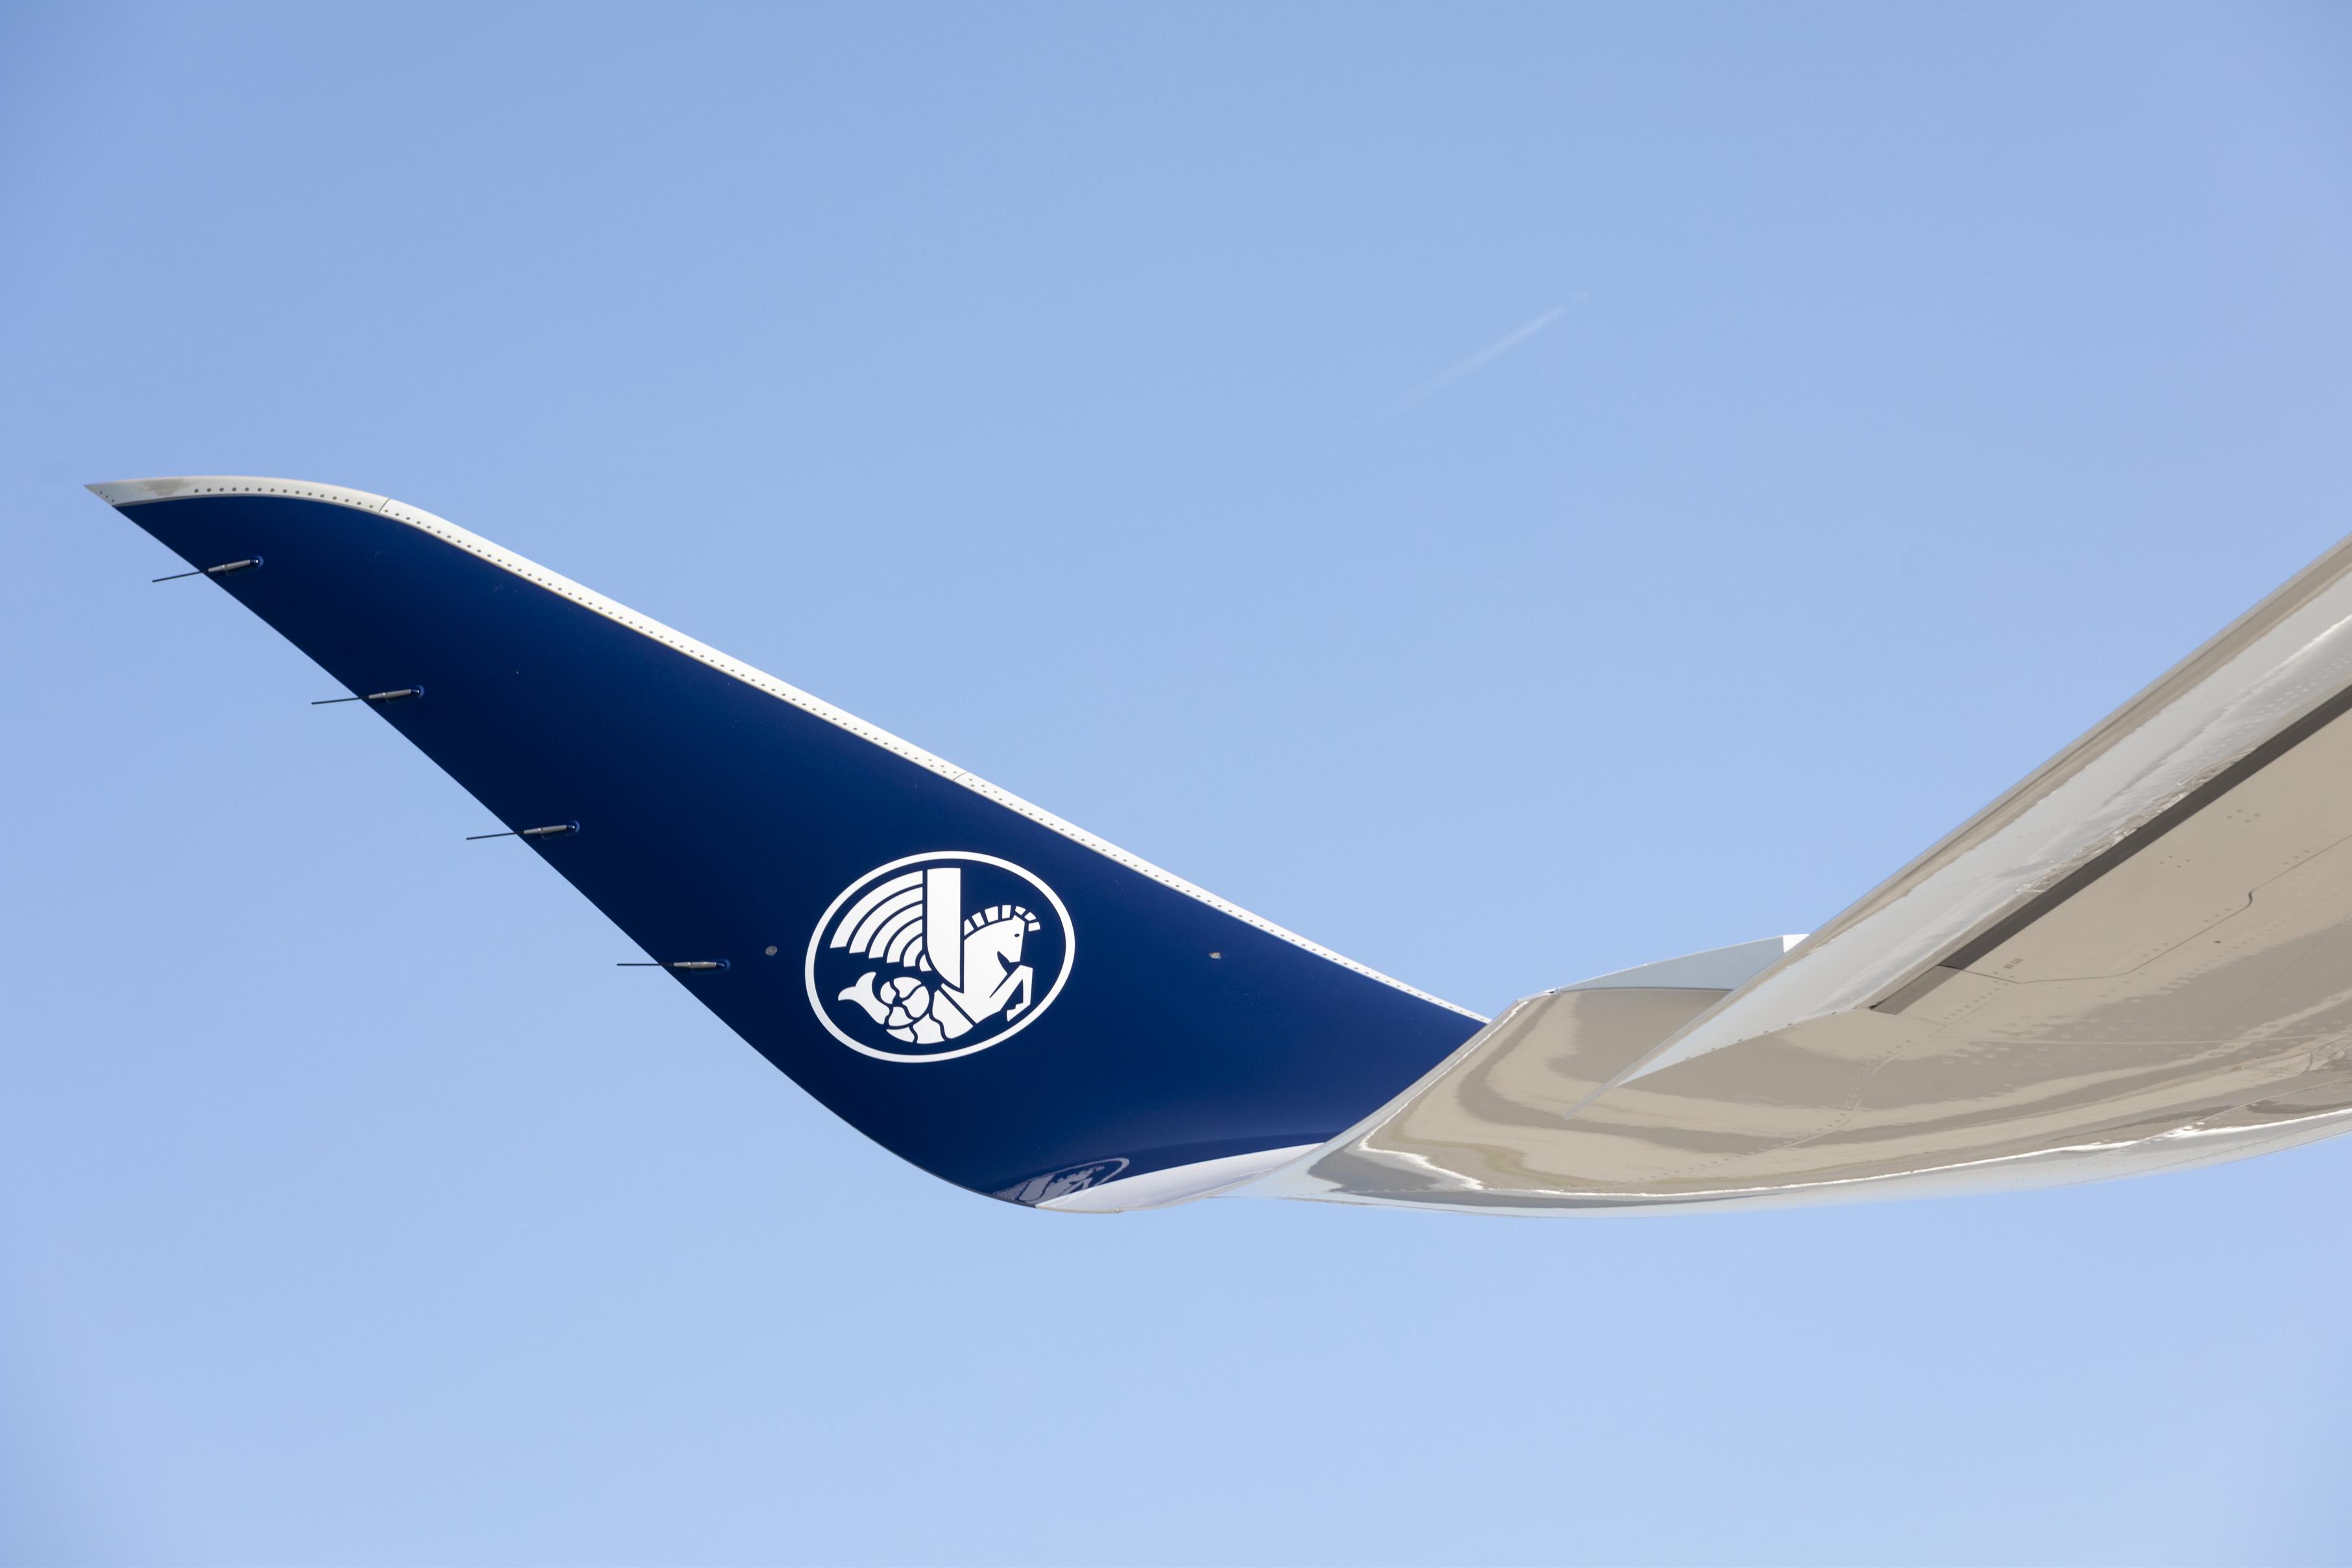 """L'épidémie du coronavirus est une """"douche froide économique"""" pour Air France comme pour tout le secteur © Airbus SAS"""